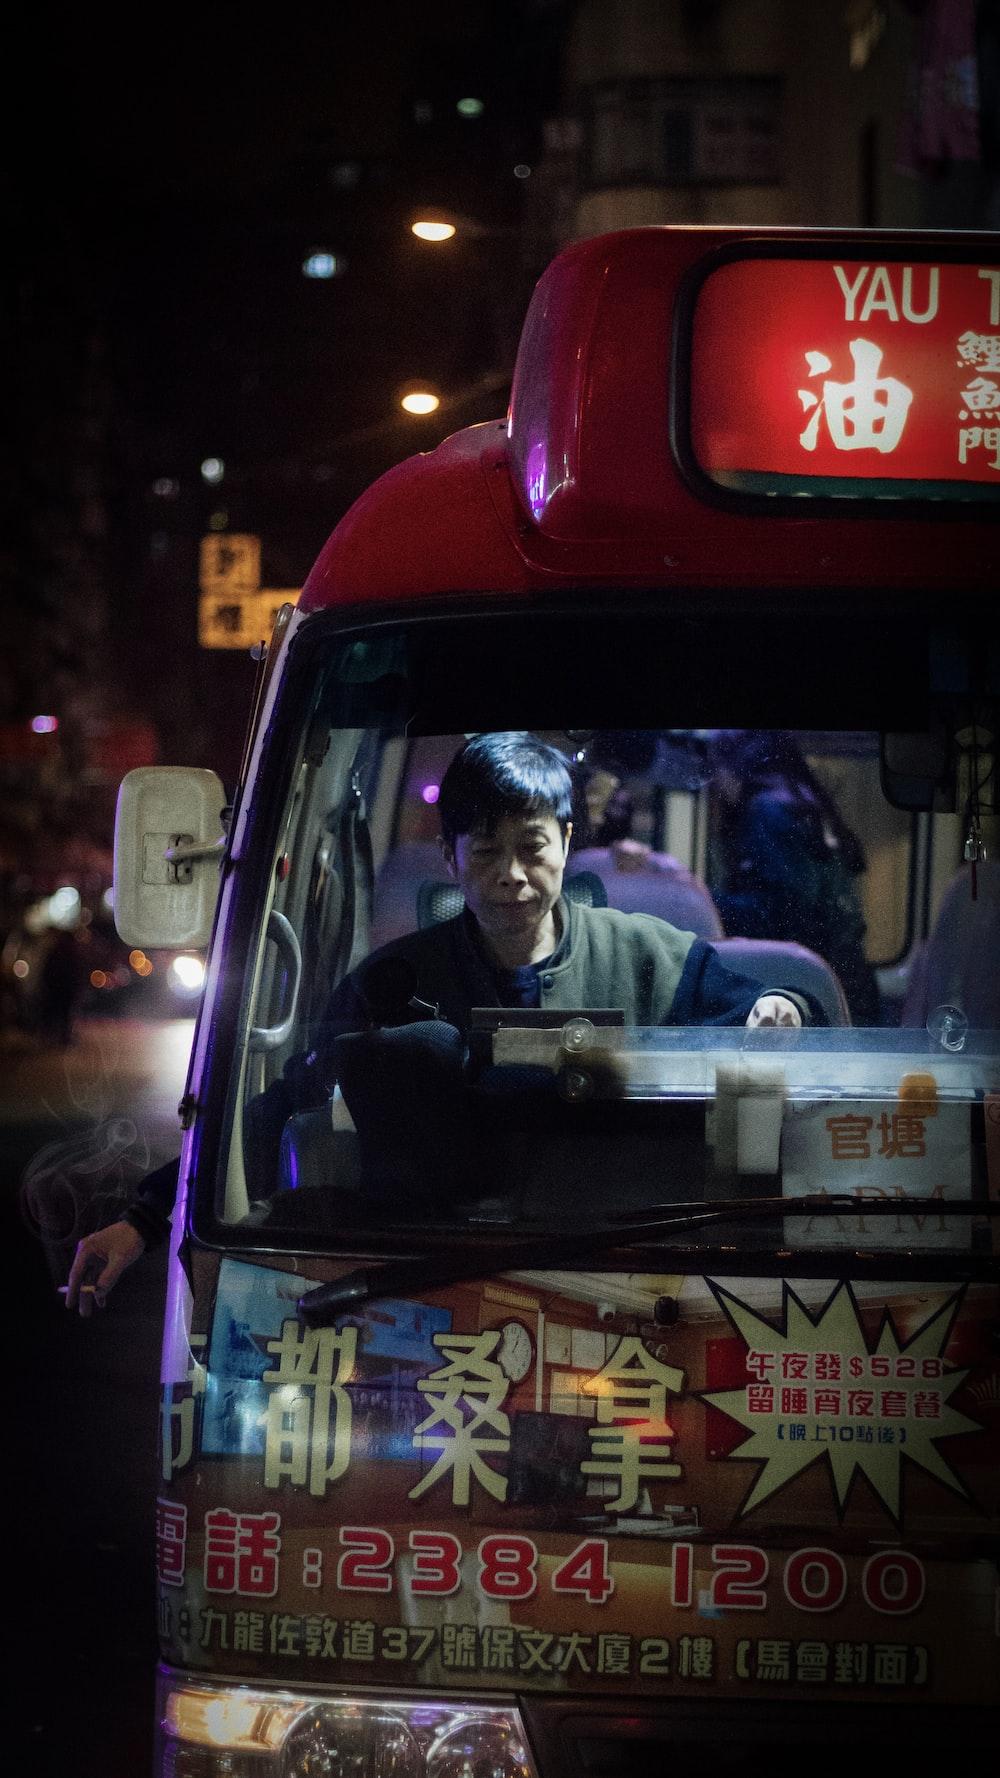 man sitting inside bus at night